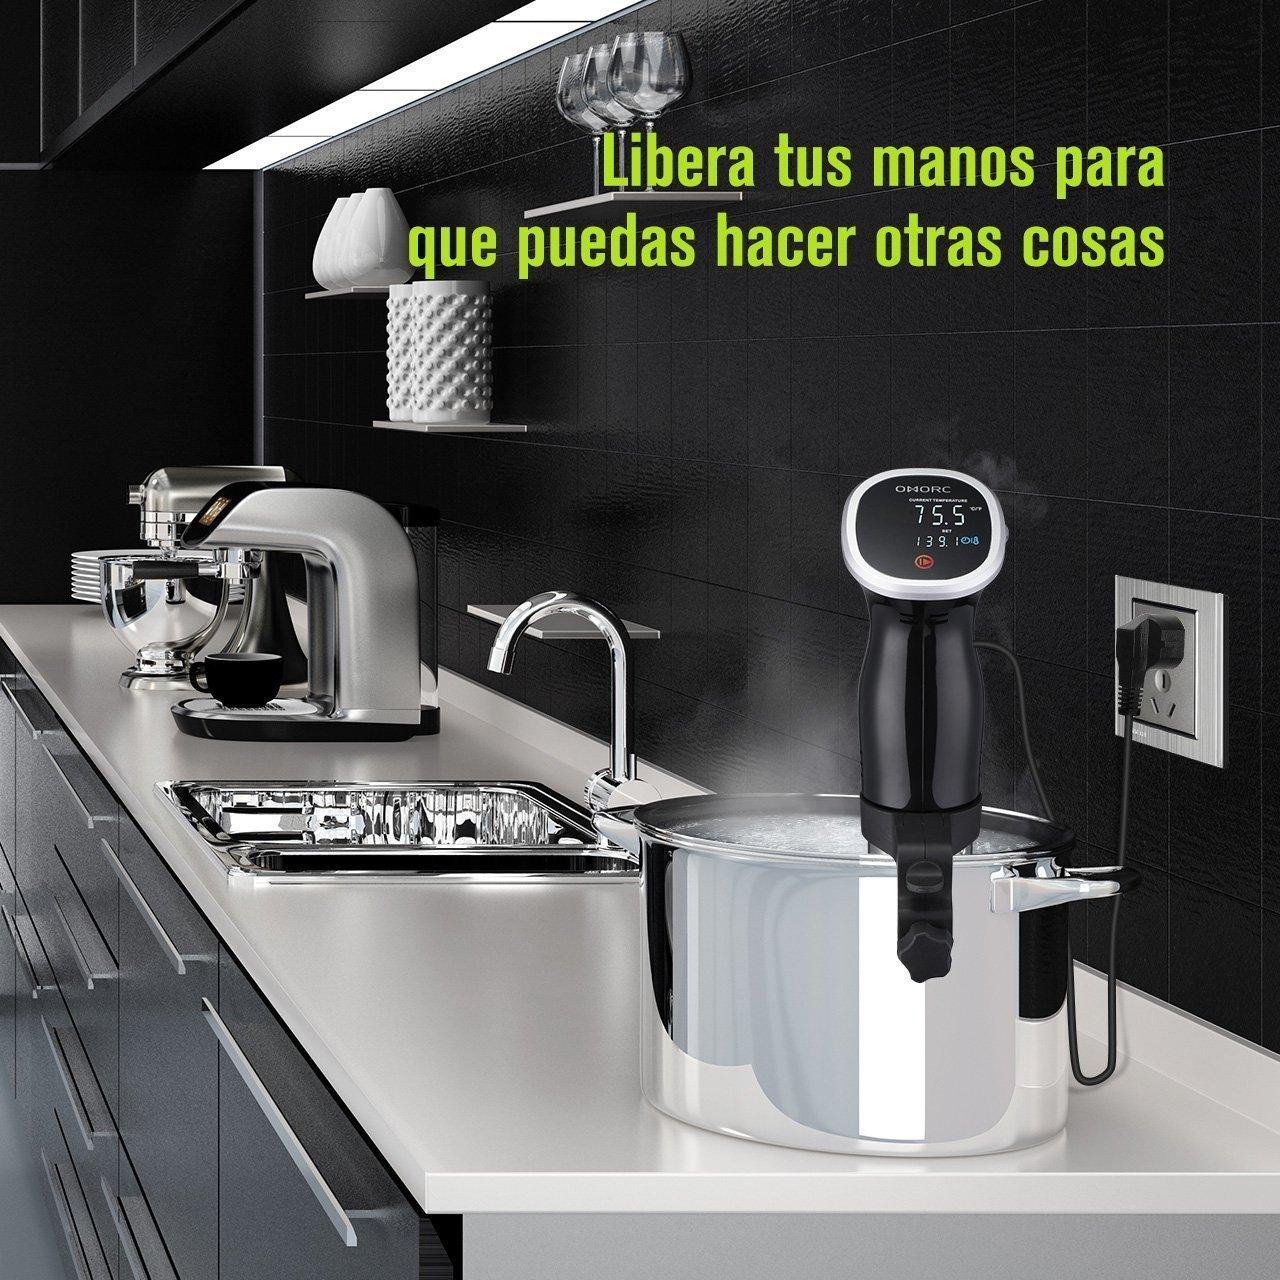 OMORC Sous Vide Cocina Precisi/ón F/ácil Lavable Cocinero Circulador Mantiene la Comida de Sabores Aut/énticos y Naturales Silencioso y Preciso Circulaci/ón de la Temperatura